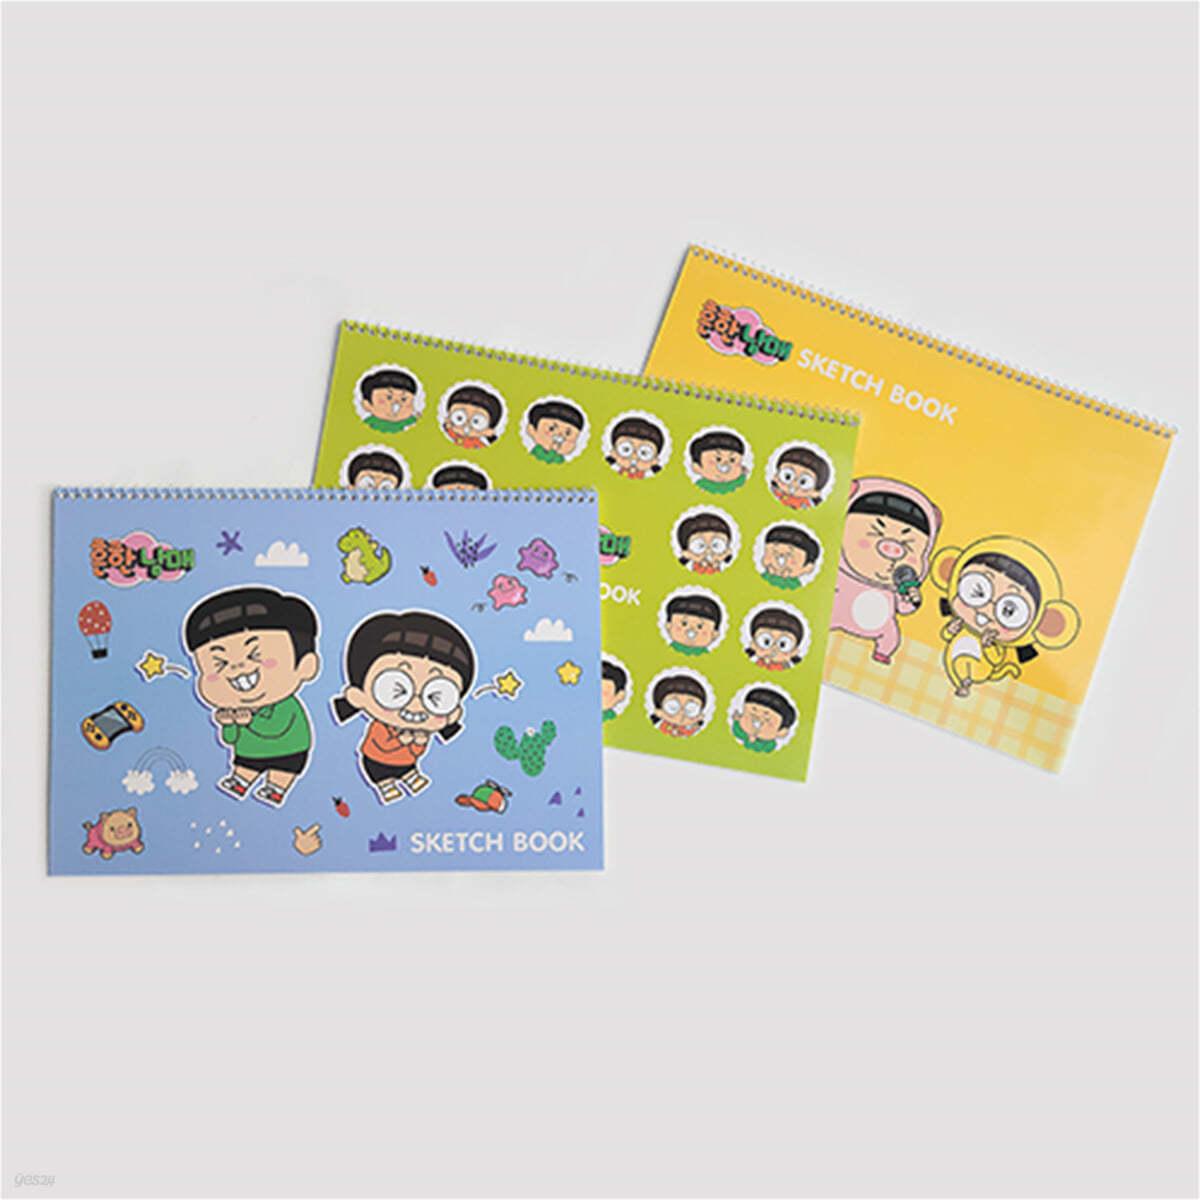 흔한남매 스케치북 7권 세트 (랜덤발송)